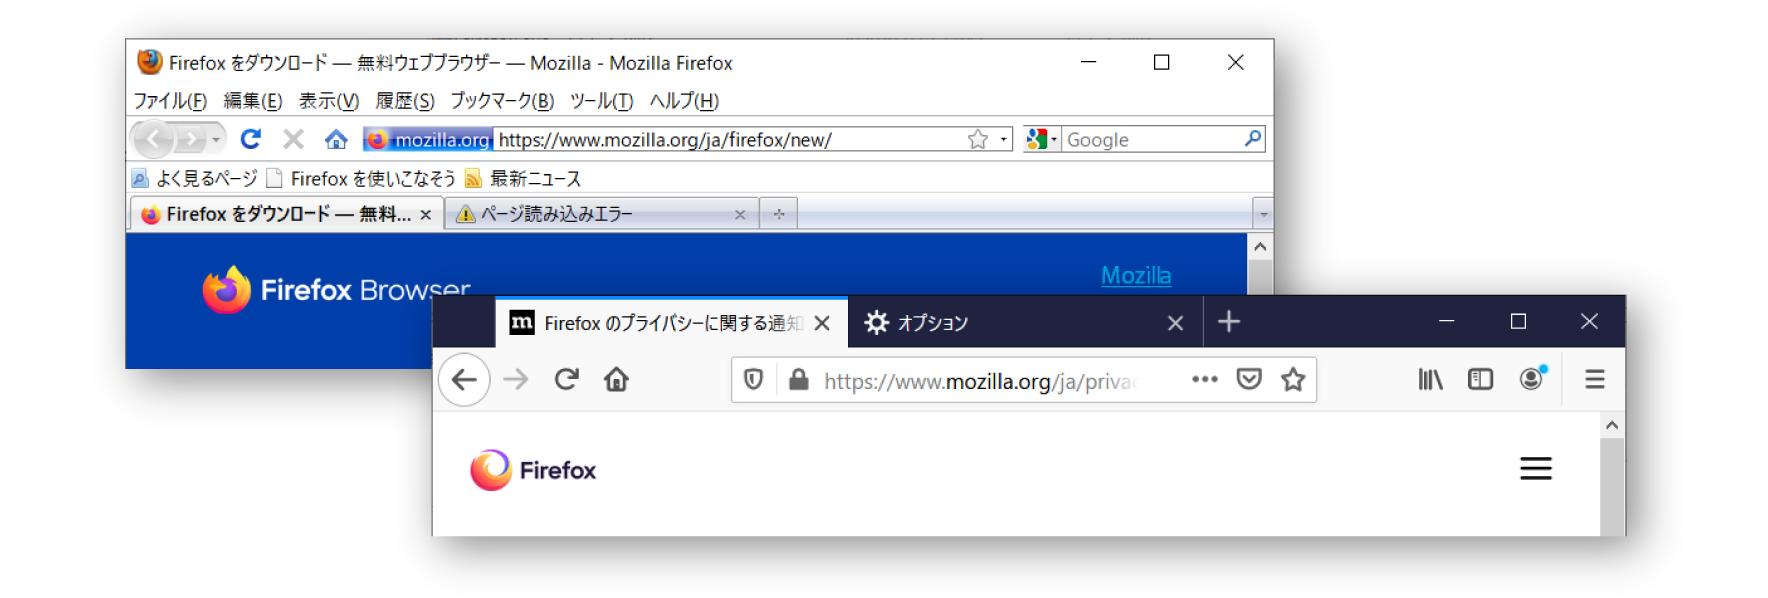 (Firefox 3.5では下にあったタブが、現在はウィンドウ最上部にある)